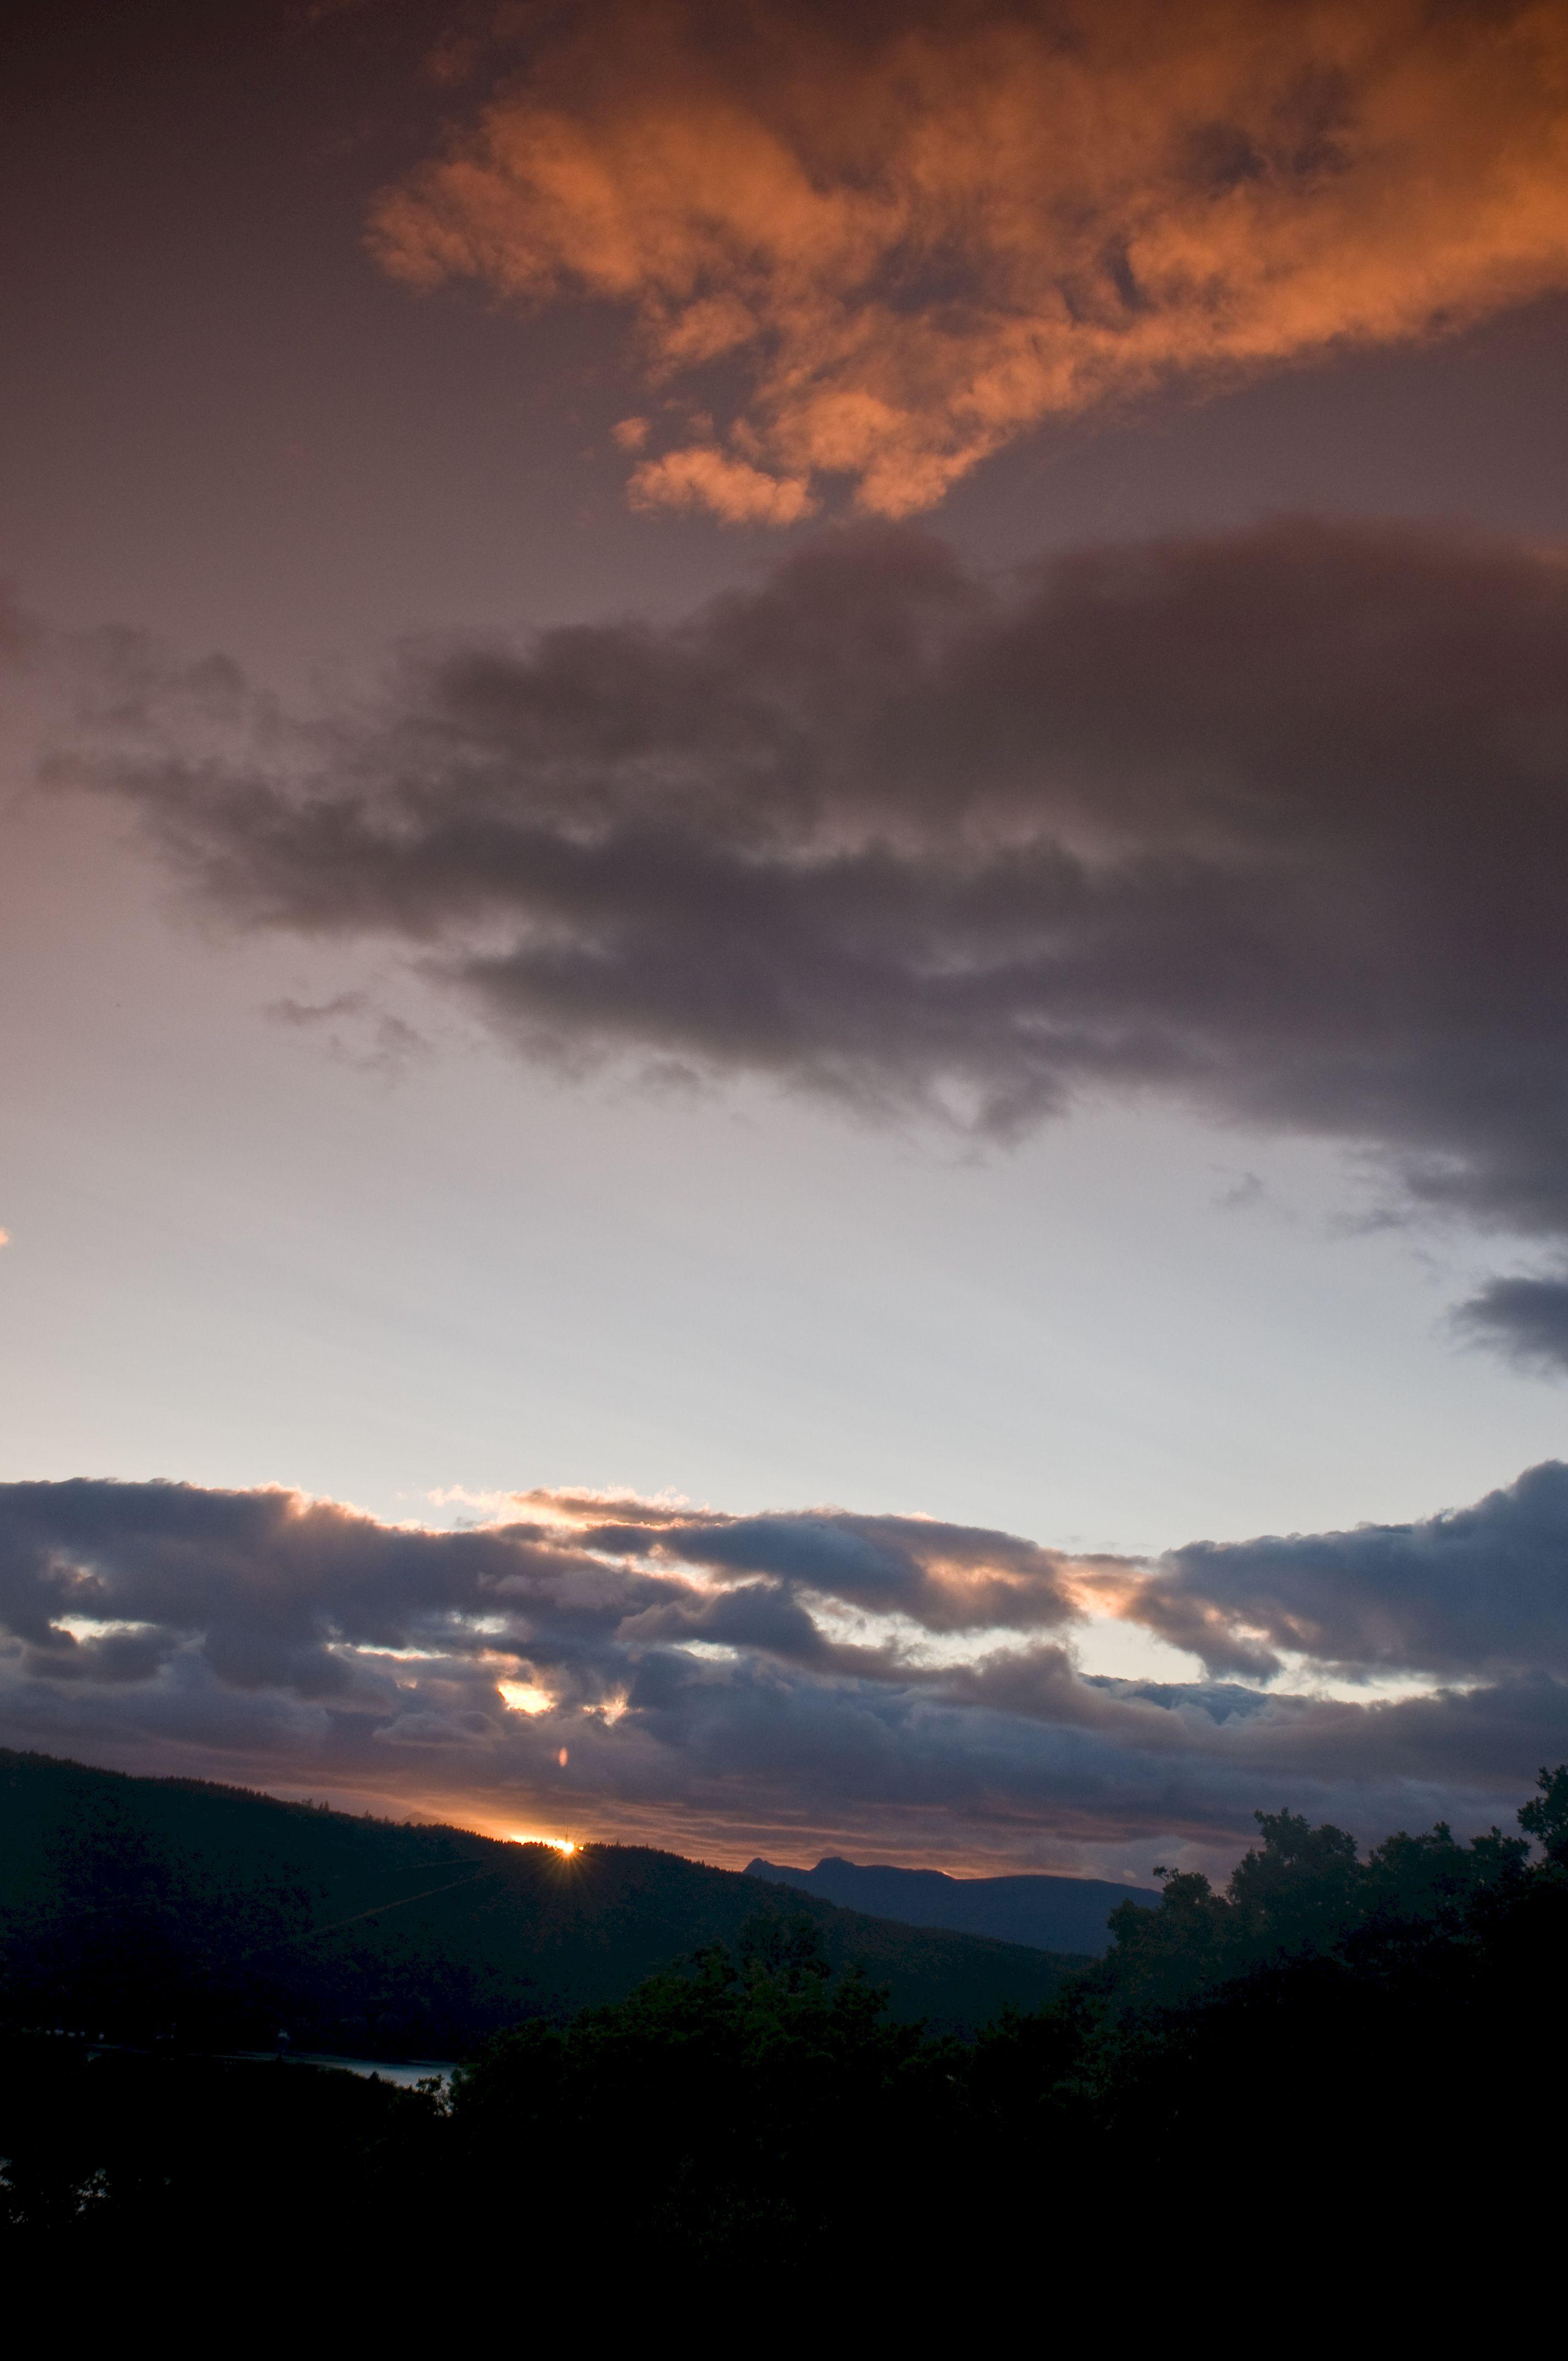 52285 скачать обои Природа, Закат, Небо, Облака, Темный, Сумерки, Вечер - заставки и картинки бесплатно